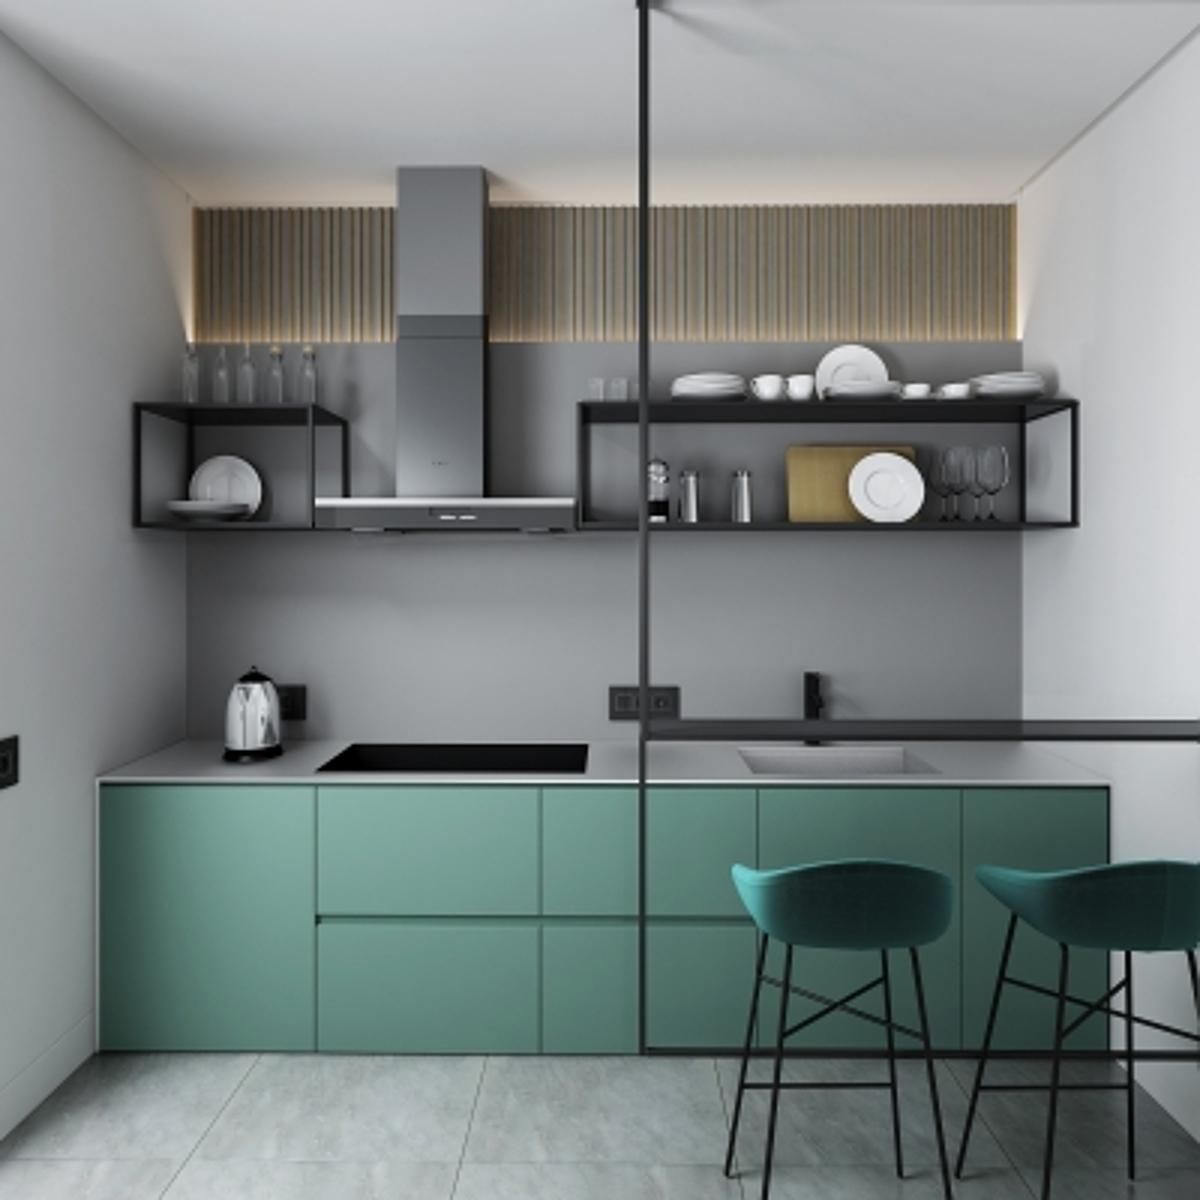 cg243北欧厨柜模型